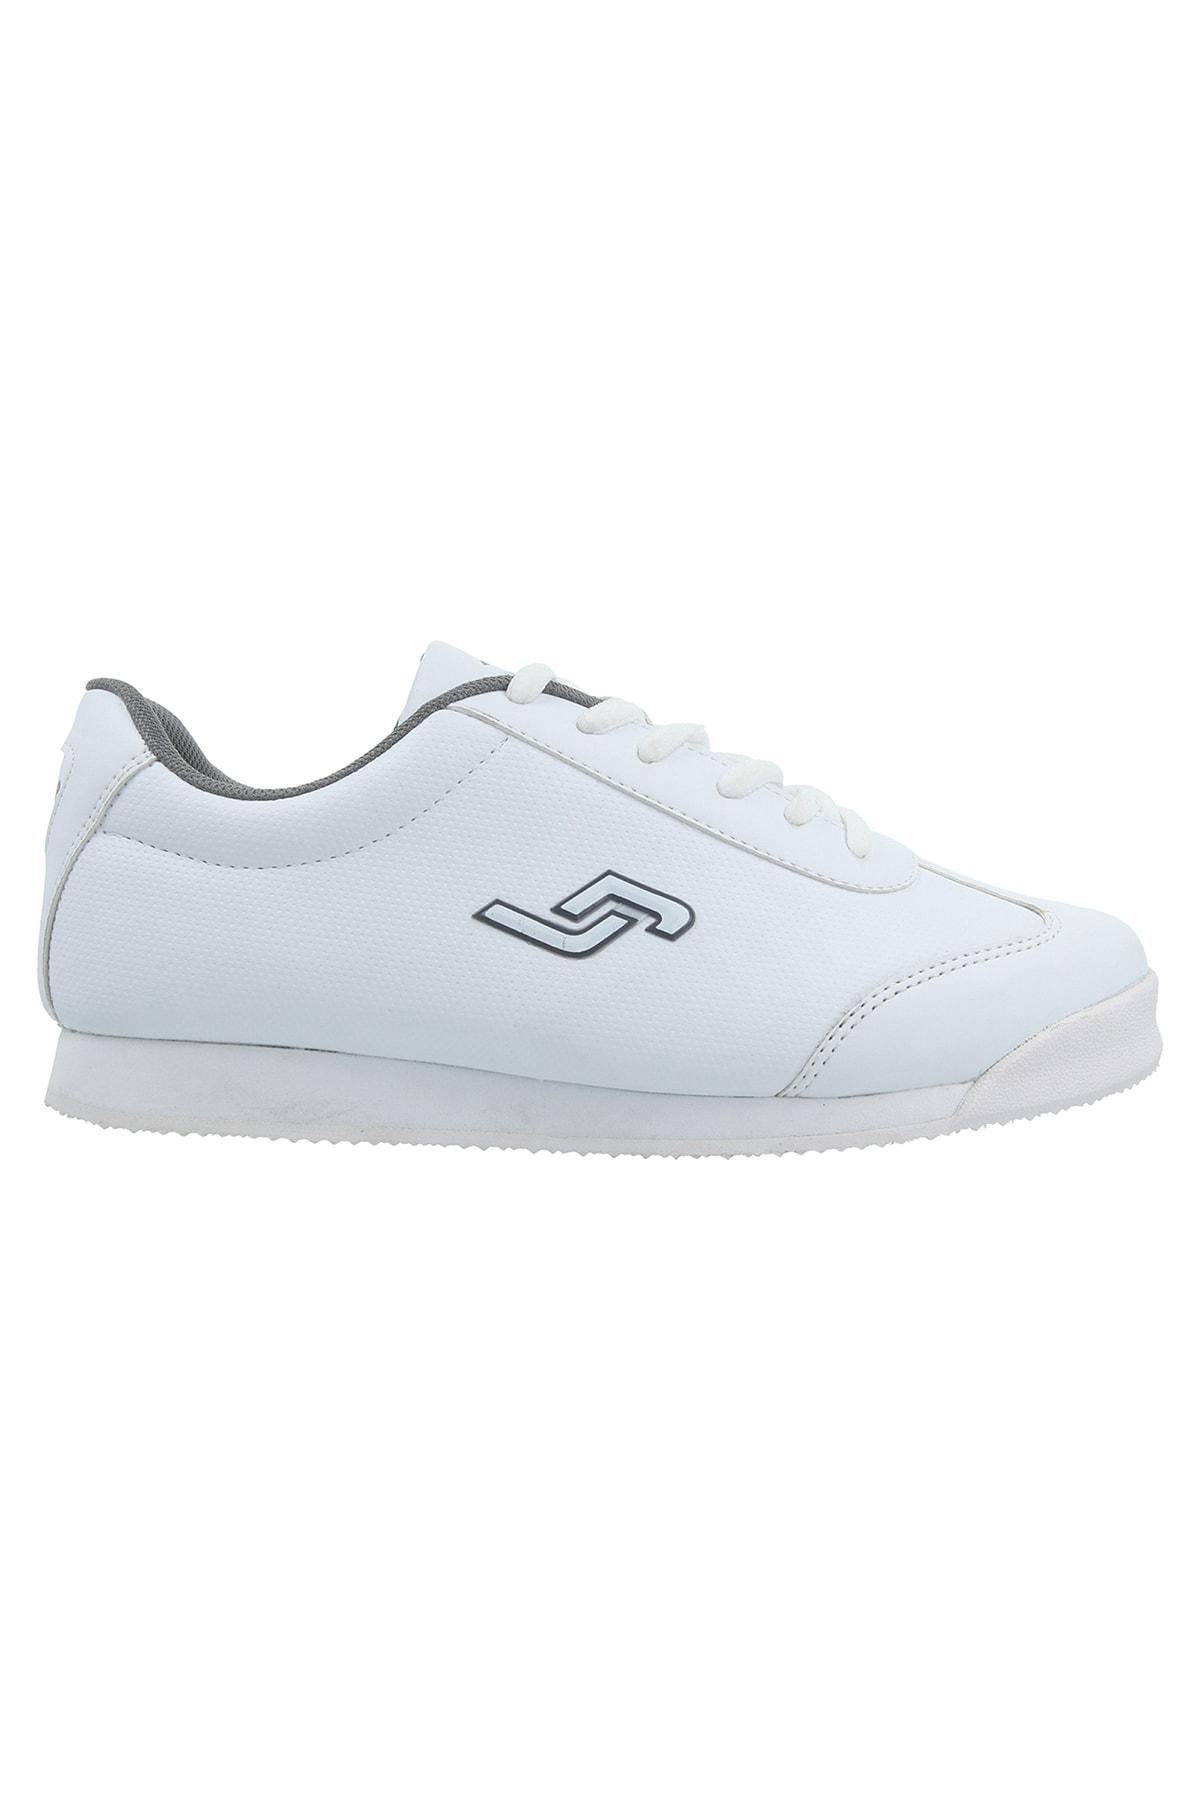 Jump Beyaz Gümüş Kadın Sneaker 190 21188Z 1